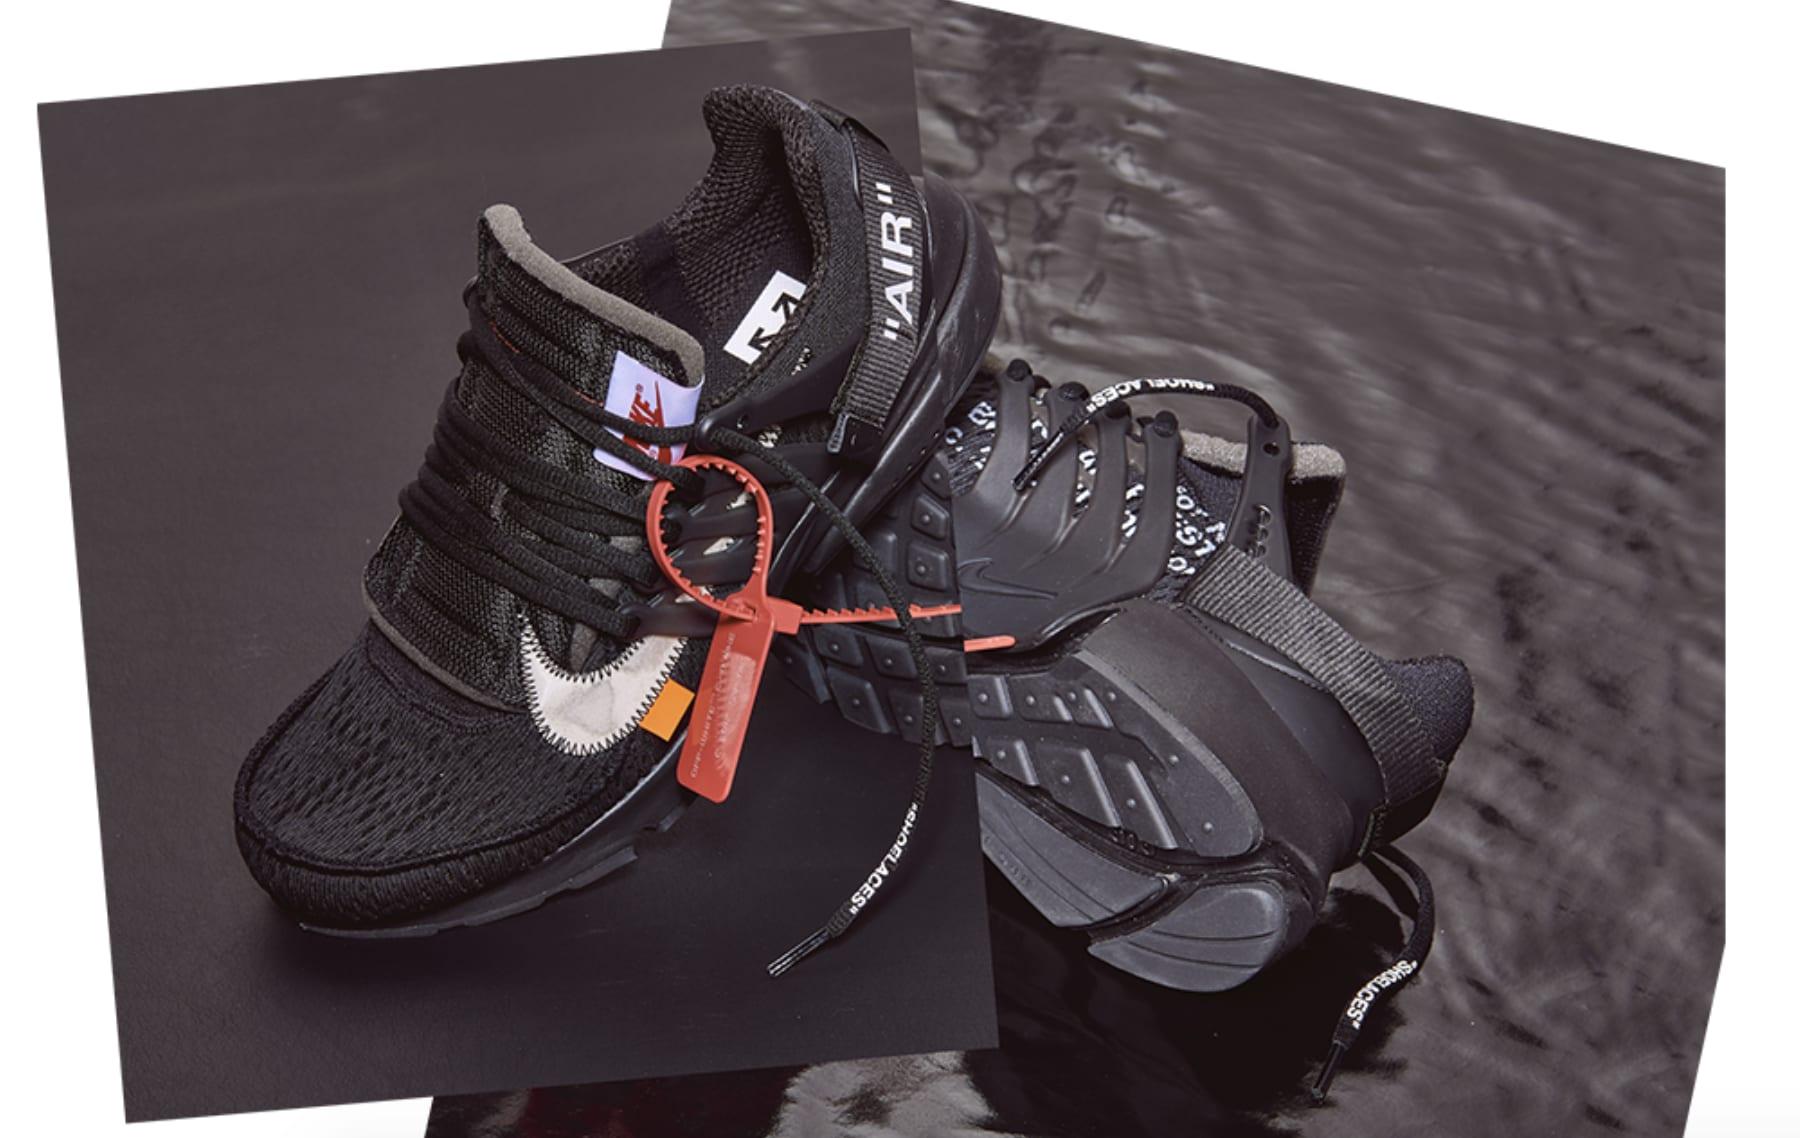 71623c9343d94 Sneaker Release Guide 7 22 18